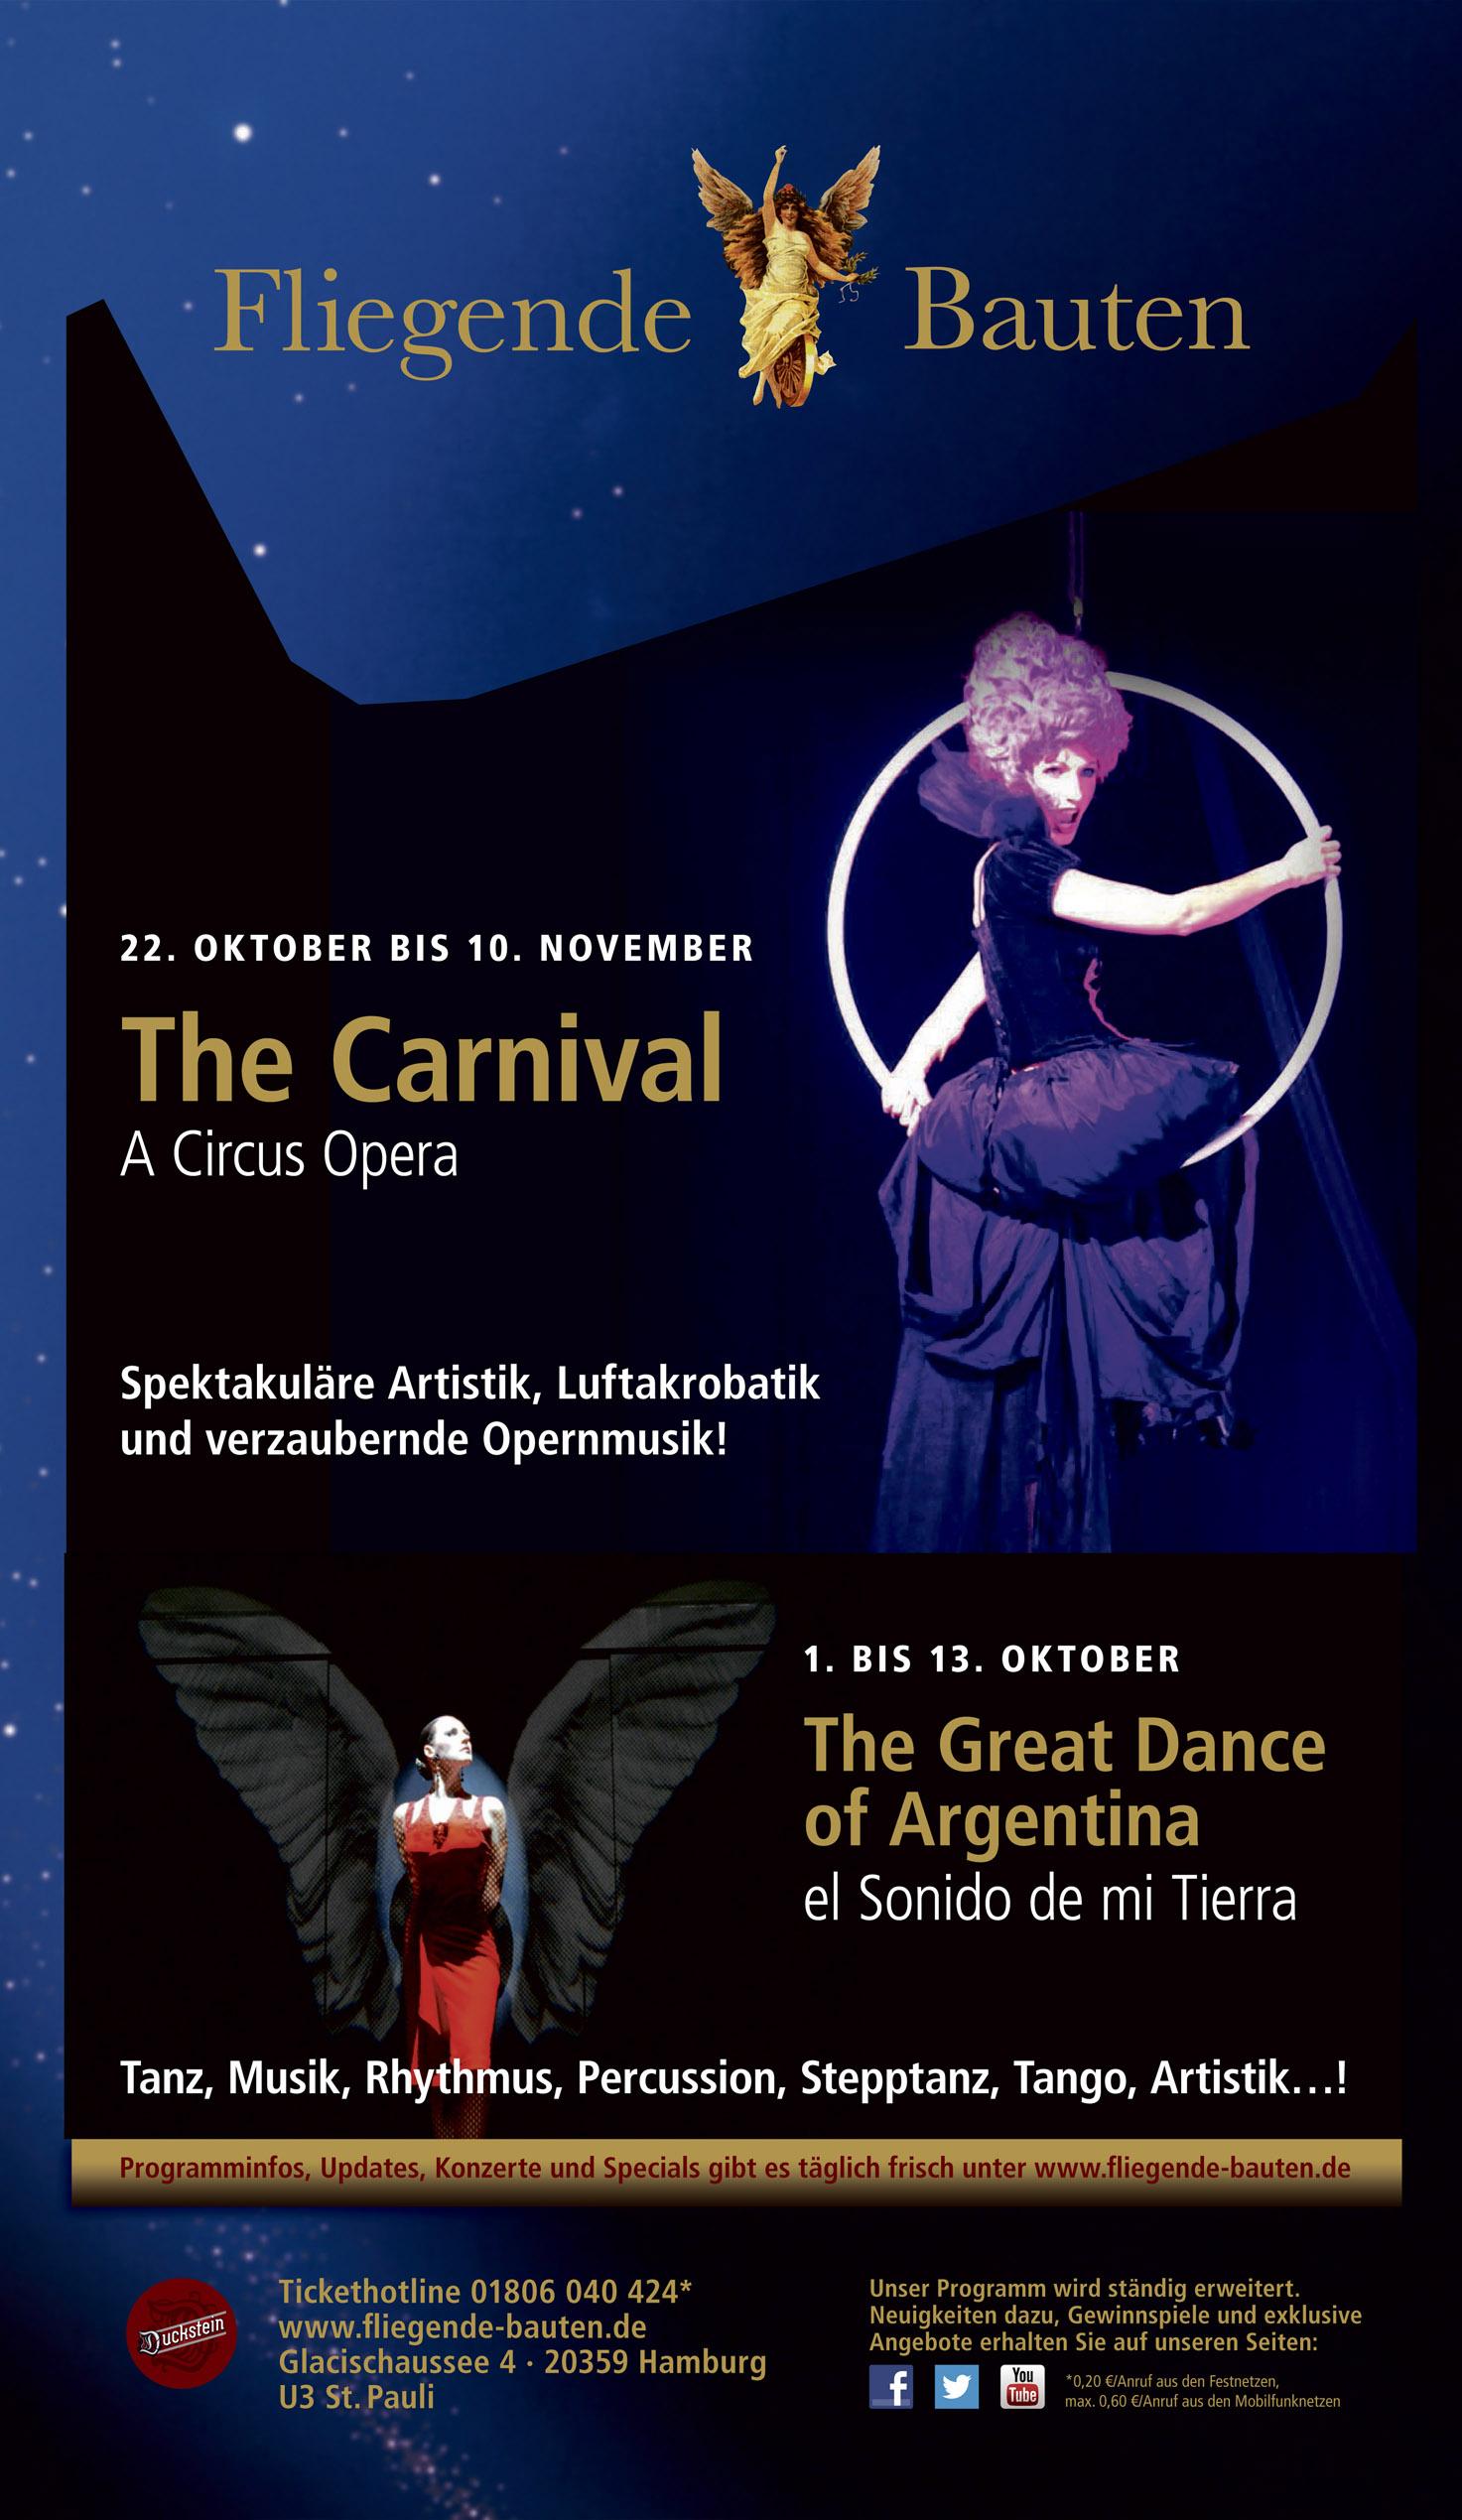 the-carnival-a-circus-opera-by-chloc3a9-charody-hamburg-2013-_-3.jpg